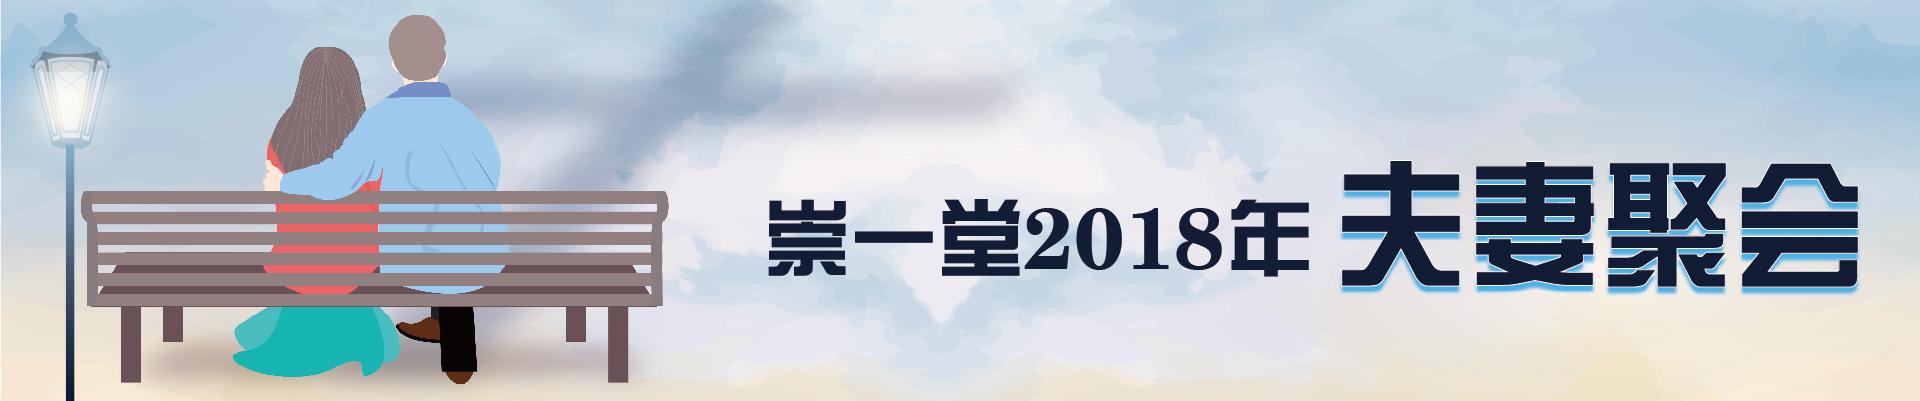 崇一堂2018年夫妻聚会_视频分享